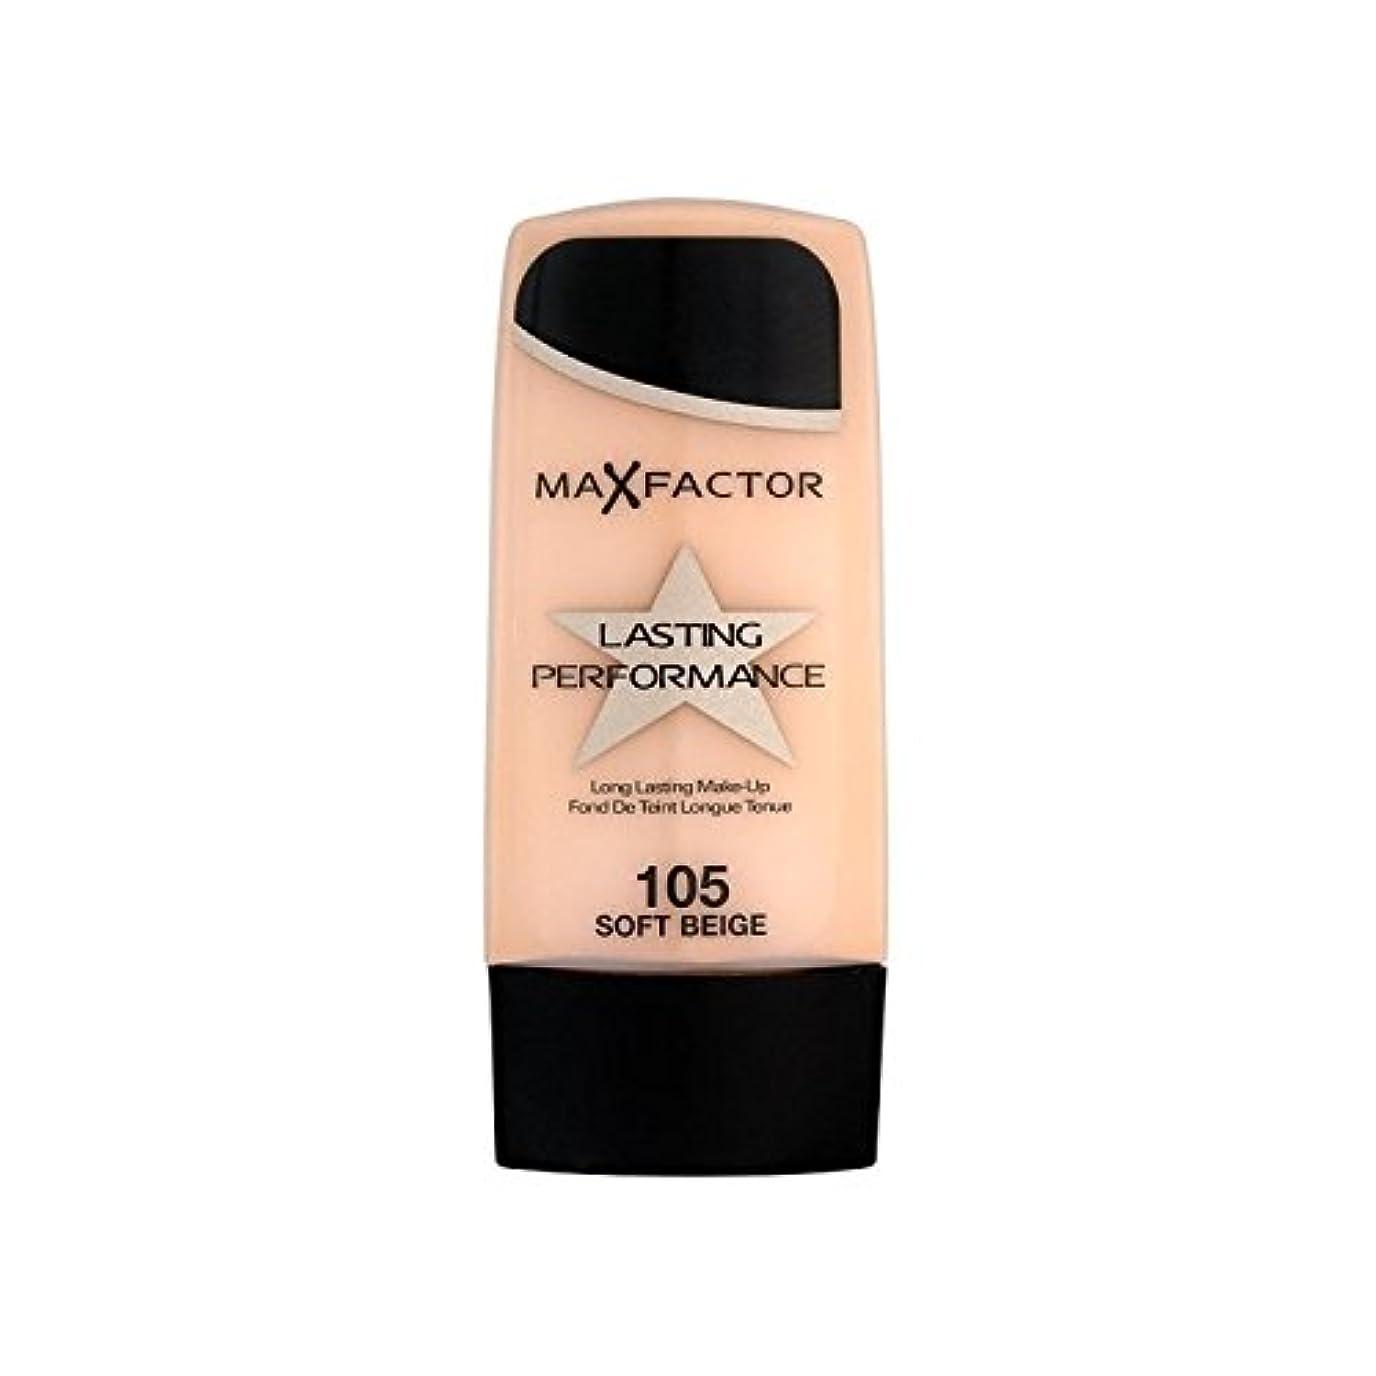 とげのあるサスティーンリスキーなマックスファクター持続パフォーマンスの基盤ソフトベージュ105 x4 - Max Factor Lasting Performance Foundation Soft Beige 105 (Pack of 4) [並行輸入品]